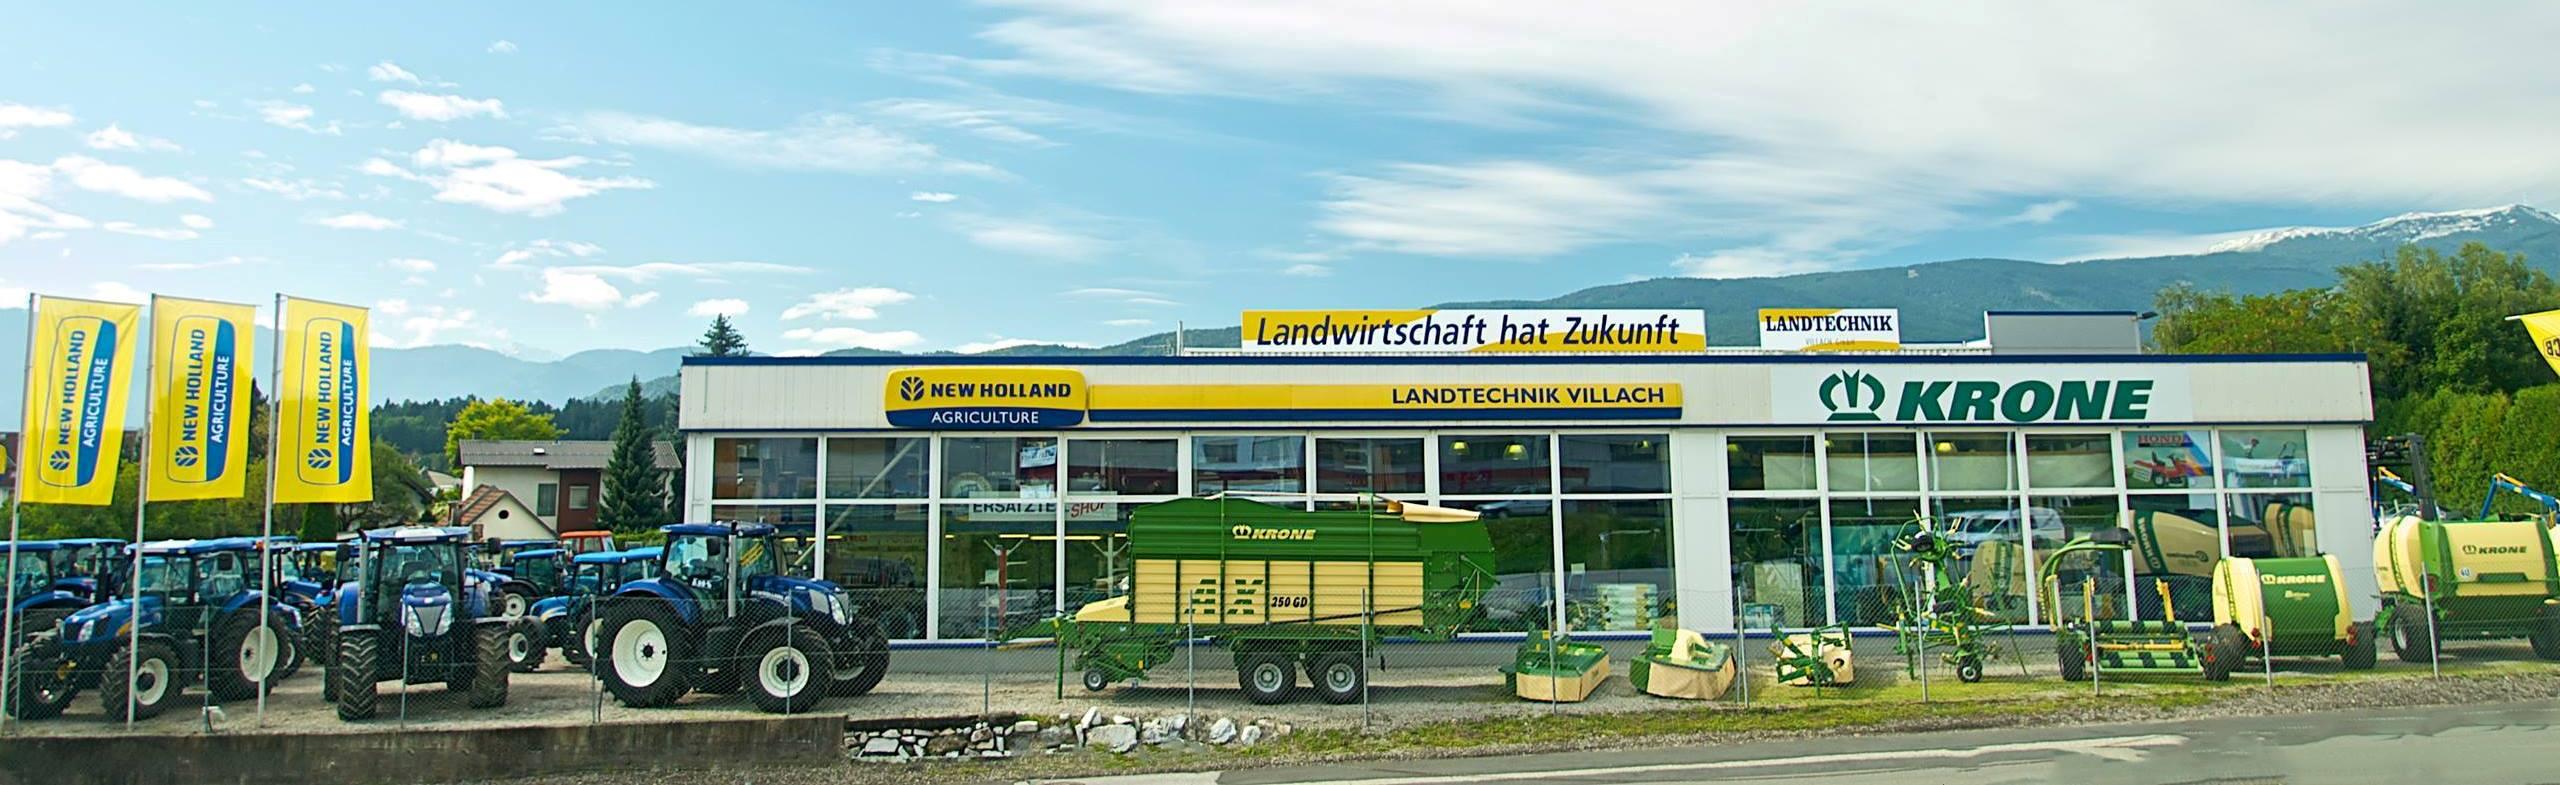 Landtechnik-Villach-Hauptbetrieb